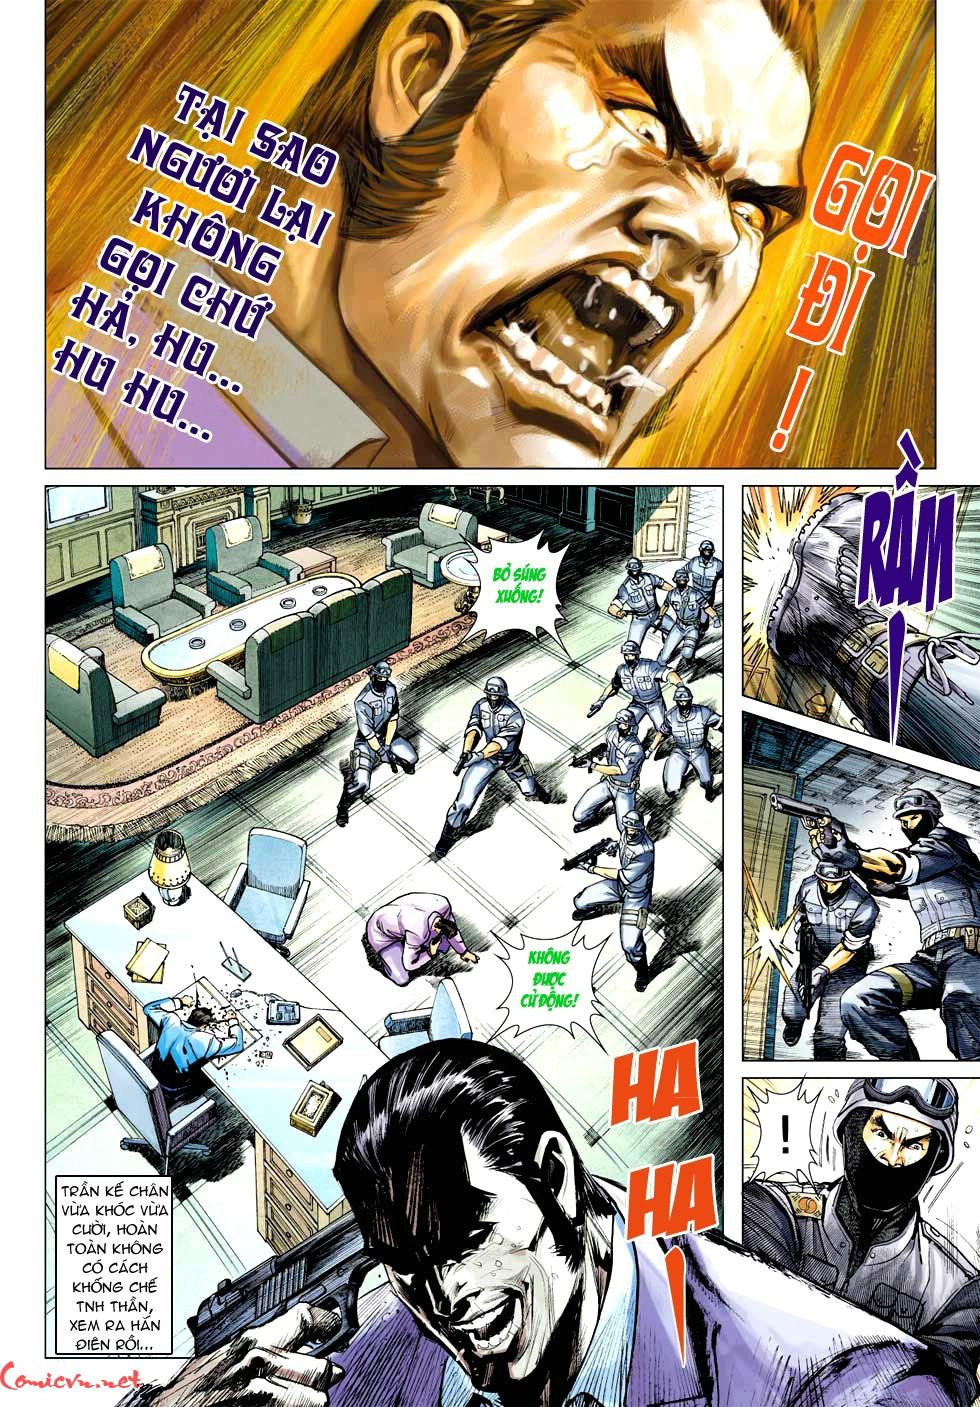 Vương Phong Lôi 1 chap 32 - Trang 27